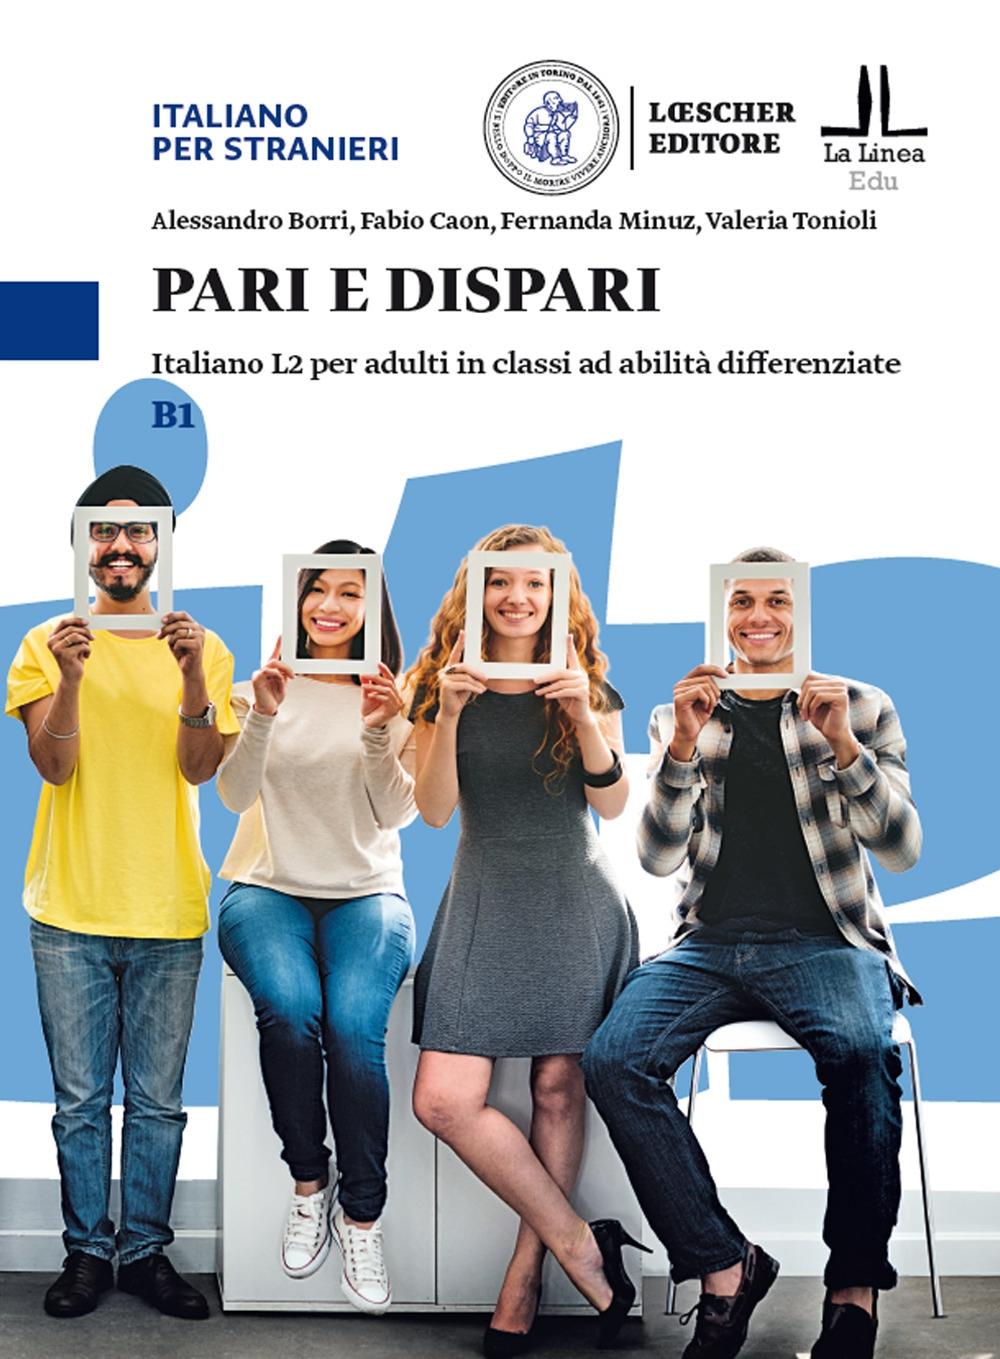 Pari e dispari. Corso di italiano per classi con studenti multiabilità. Livello B1.